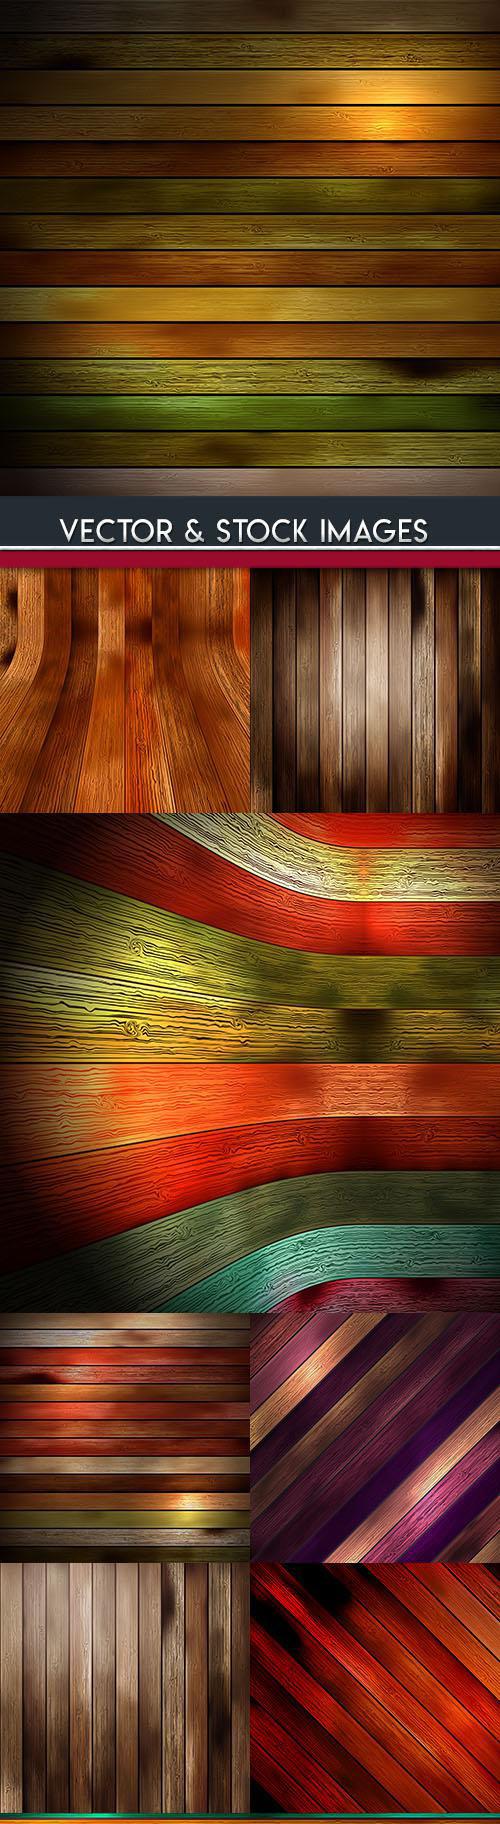 Wooden boards design color backgrounds